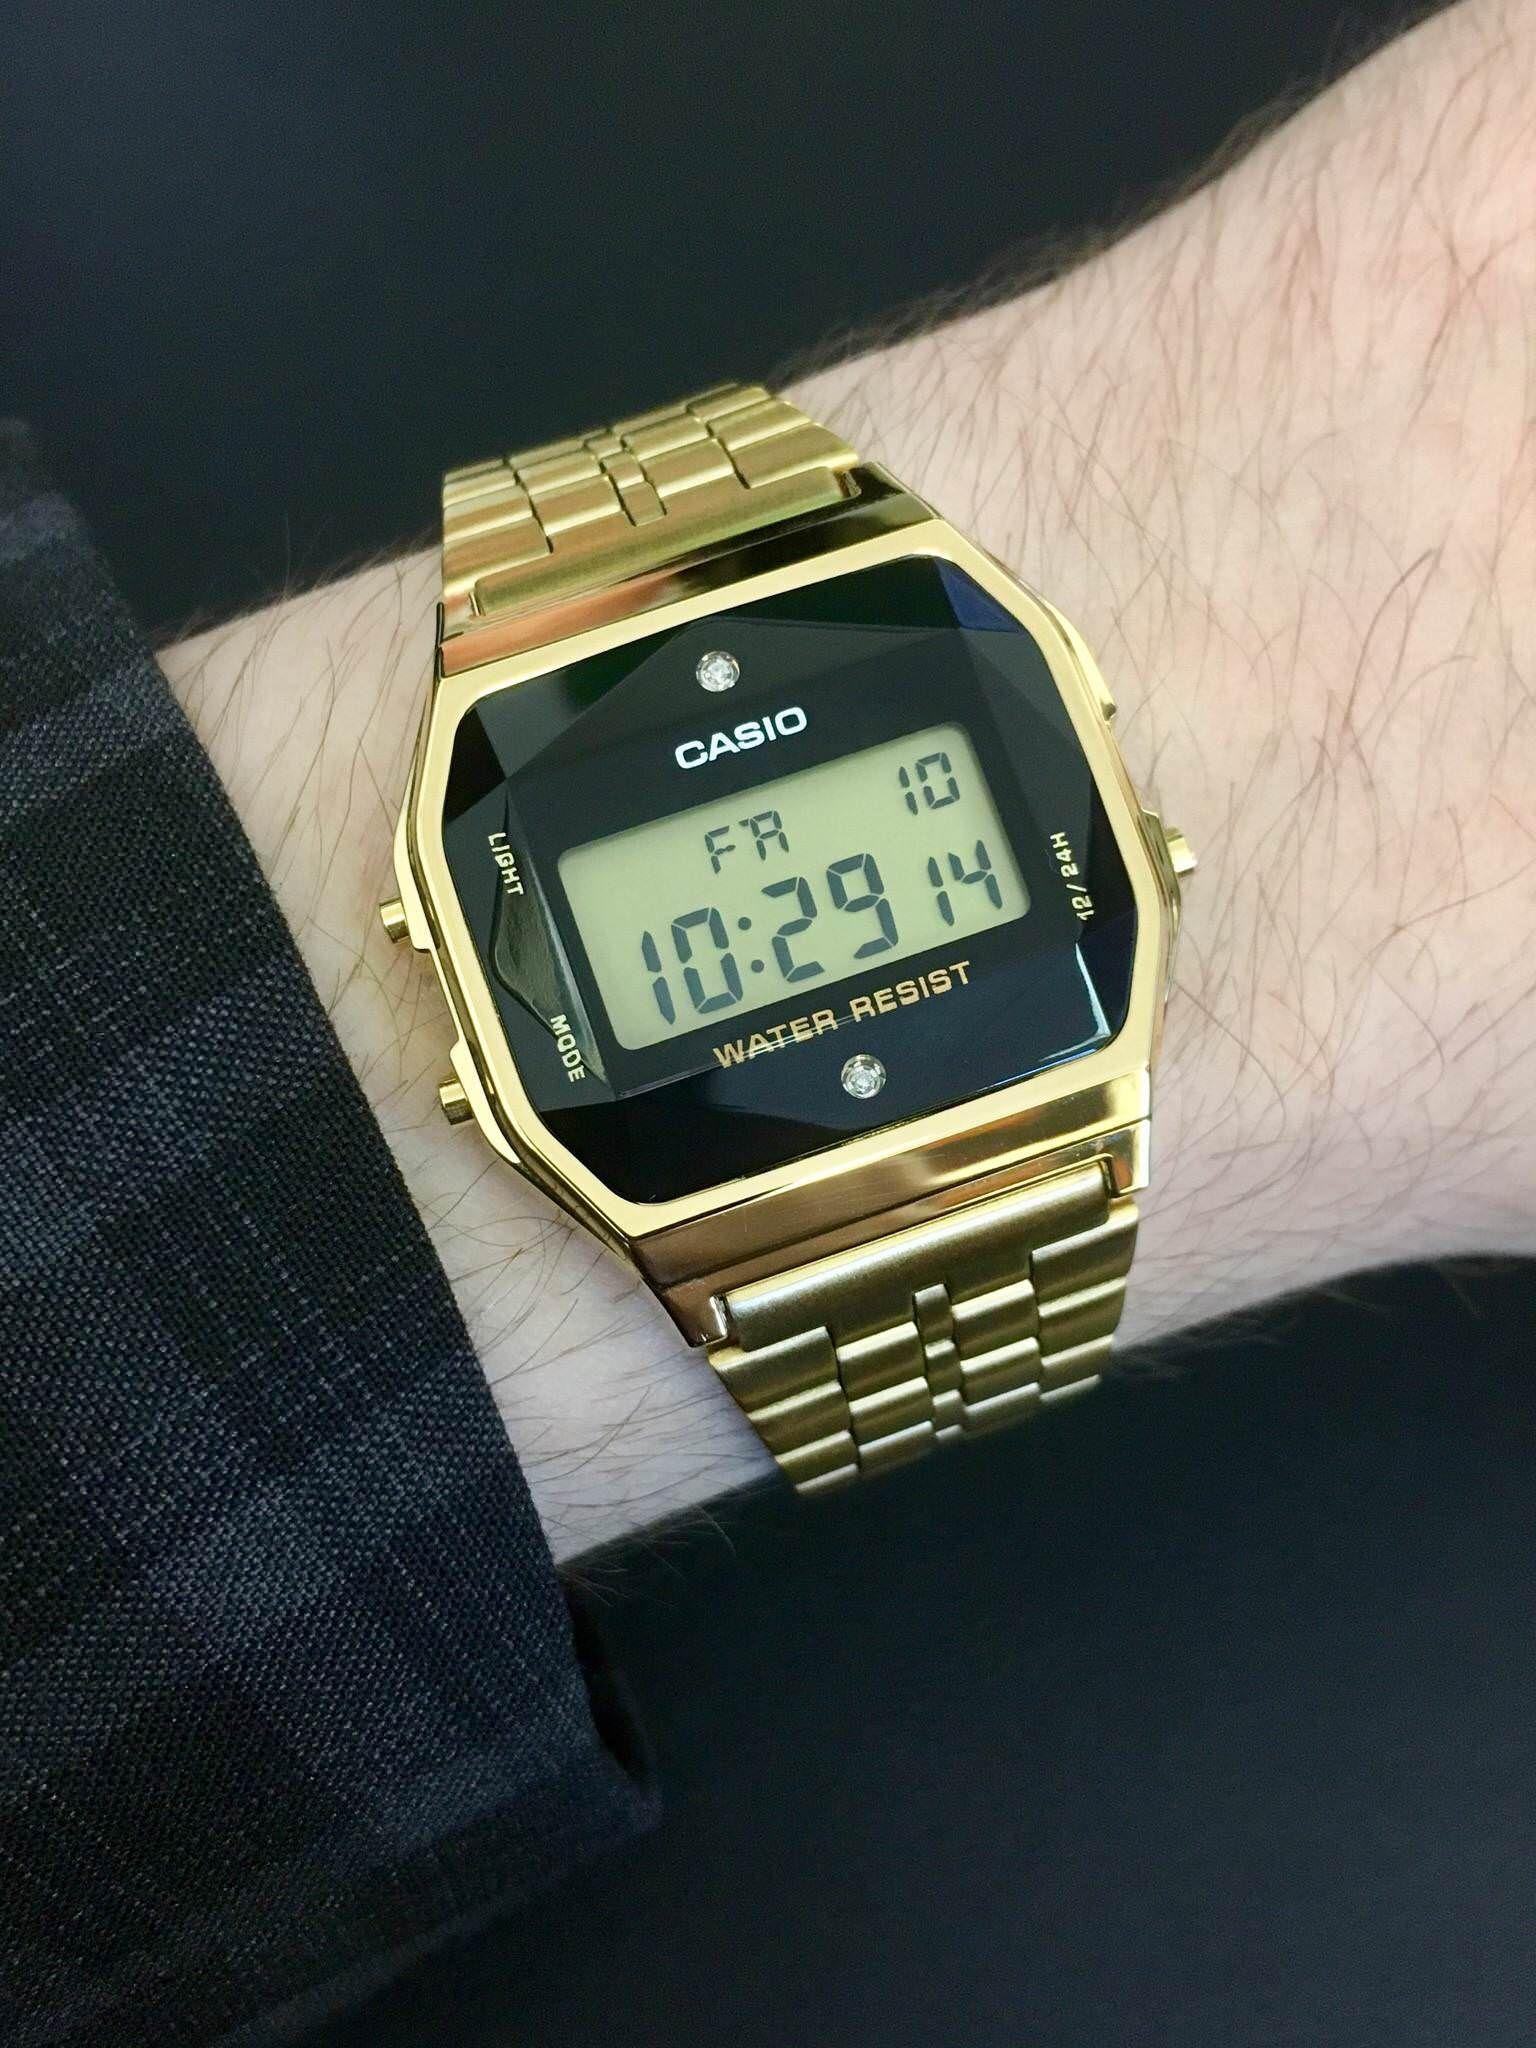 d25307652 Casio] Gold G-Shock Vintage Diamond | G shock watches em 2019 ...